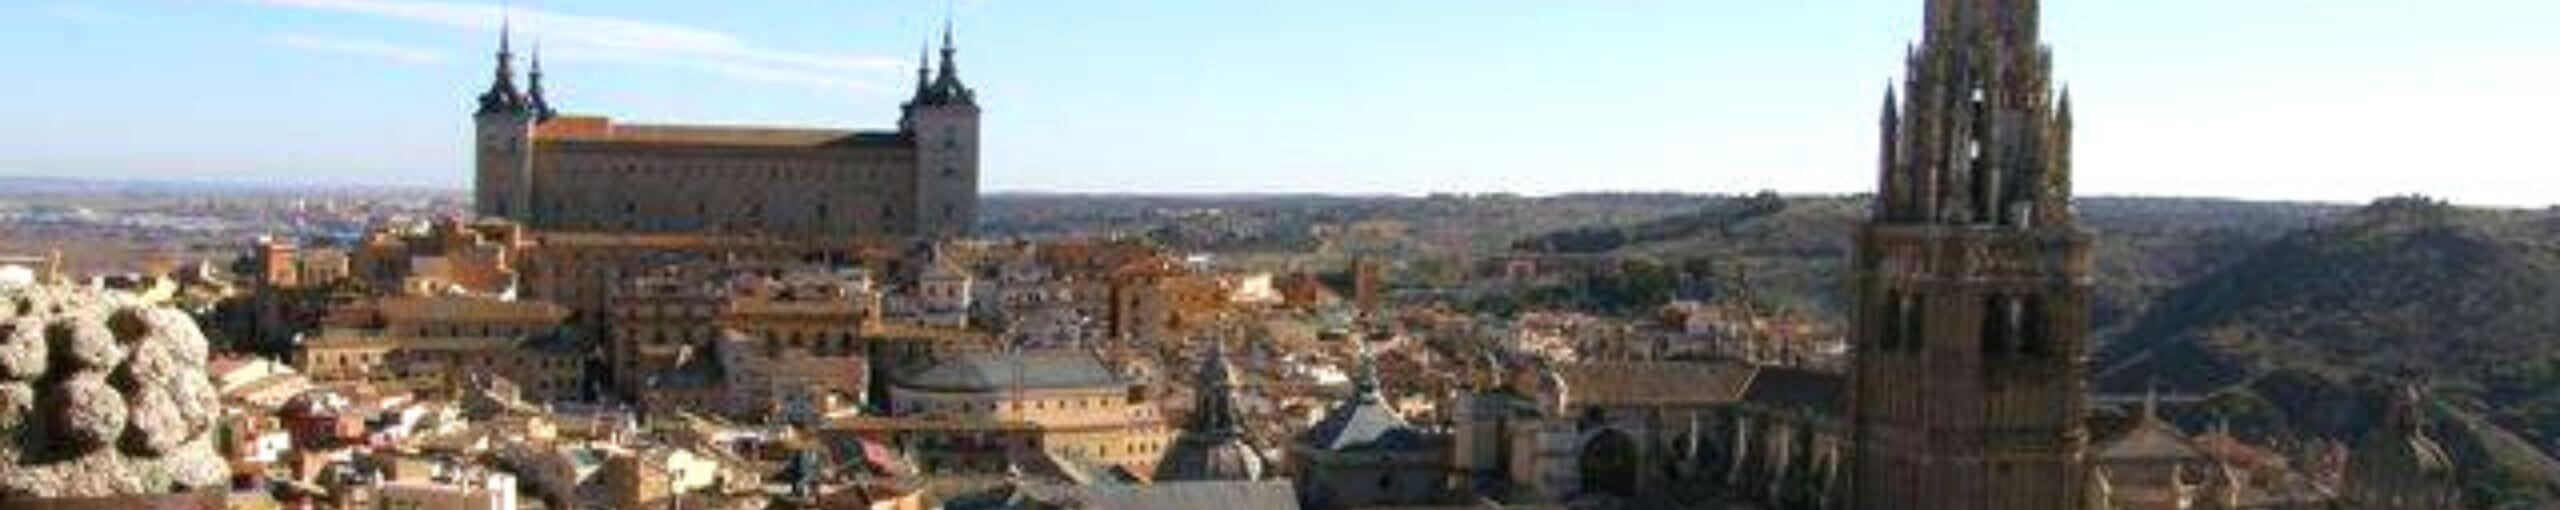 Toledo Ciudad Patrimonio de la Humnidad. Castilla la Mancha.